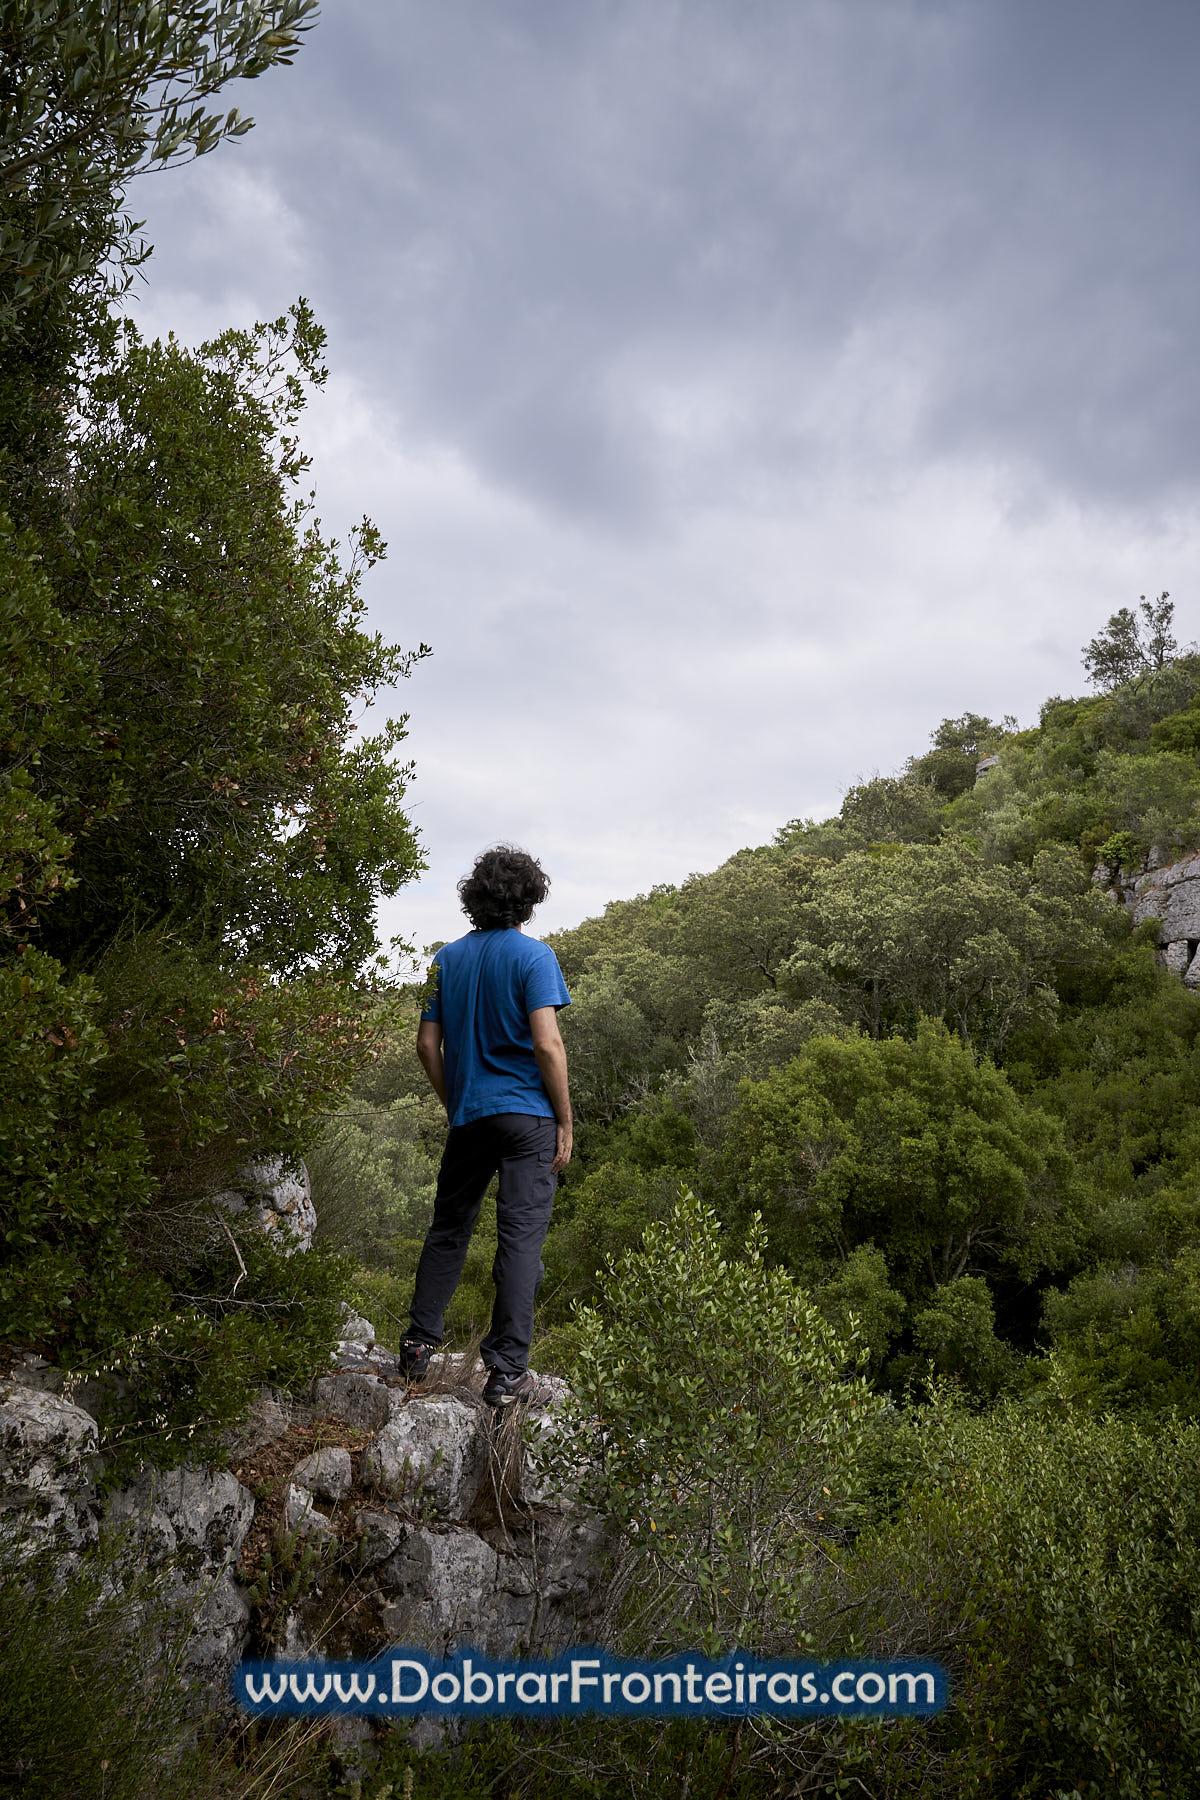 caminhante a observar paisagem sobre rocha